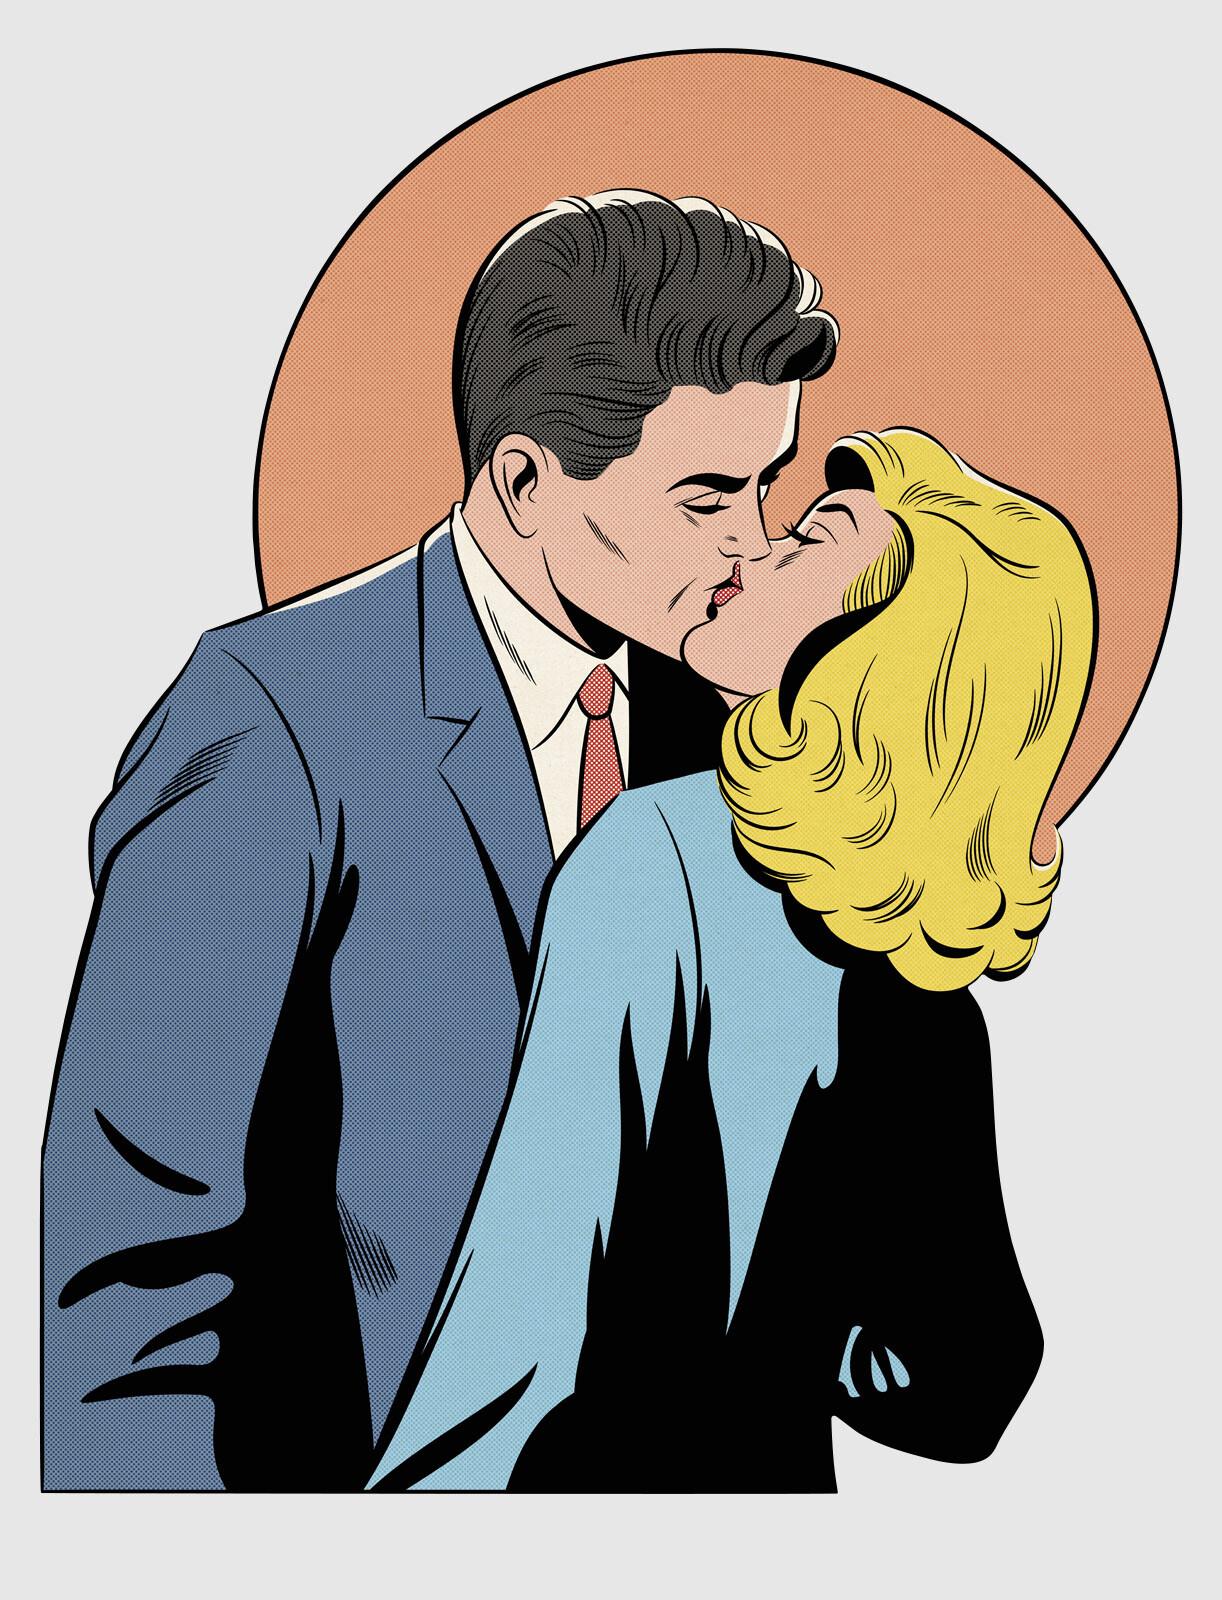 Our First, Tender Kiss - Joe Mcdermott